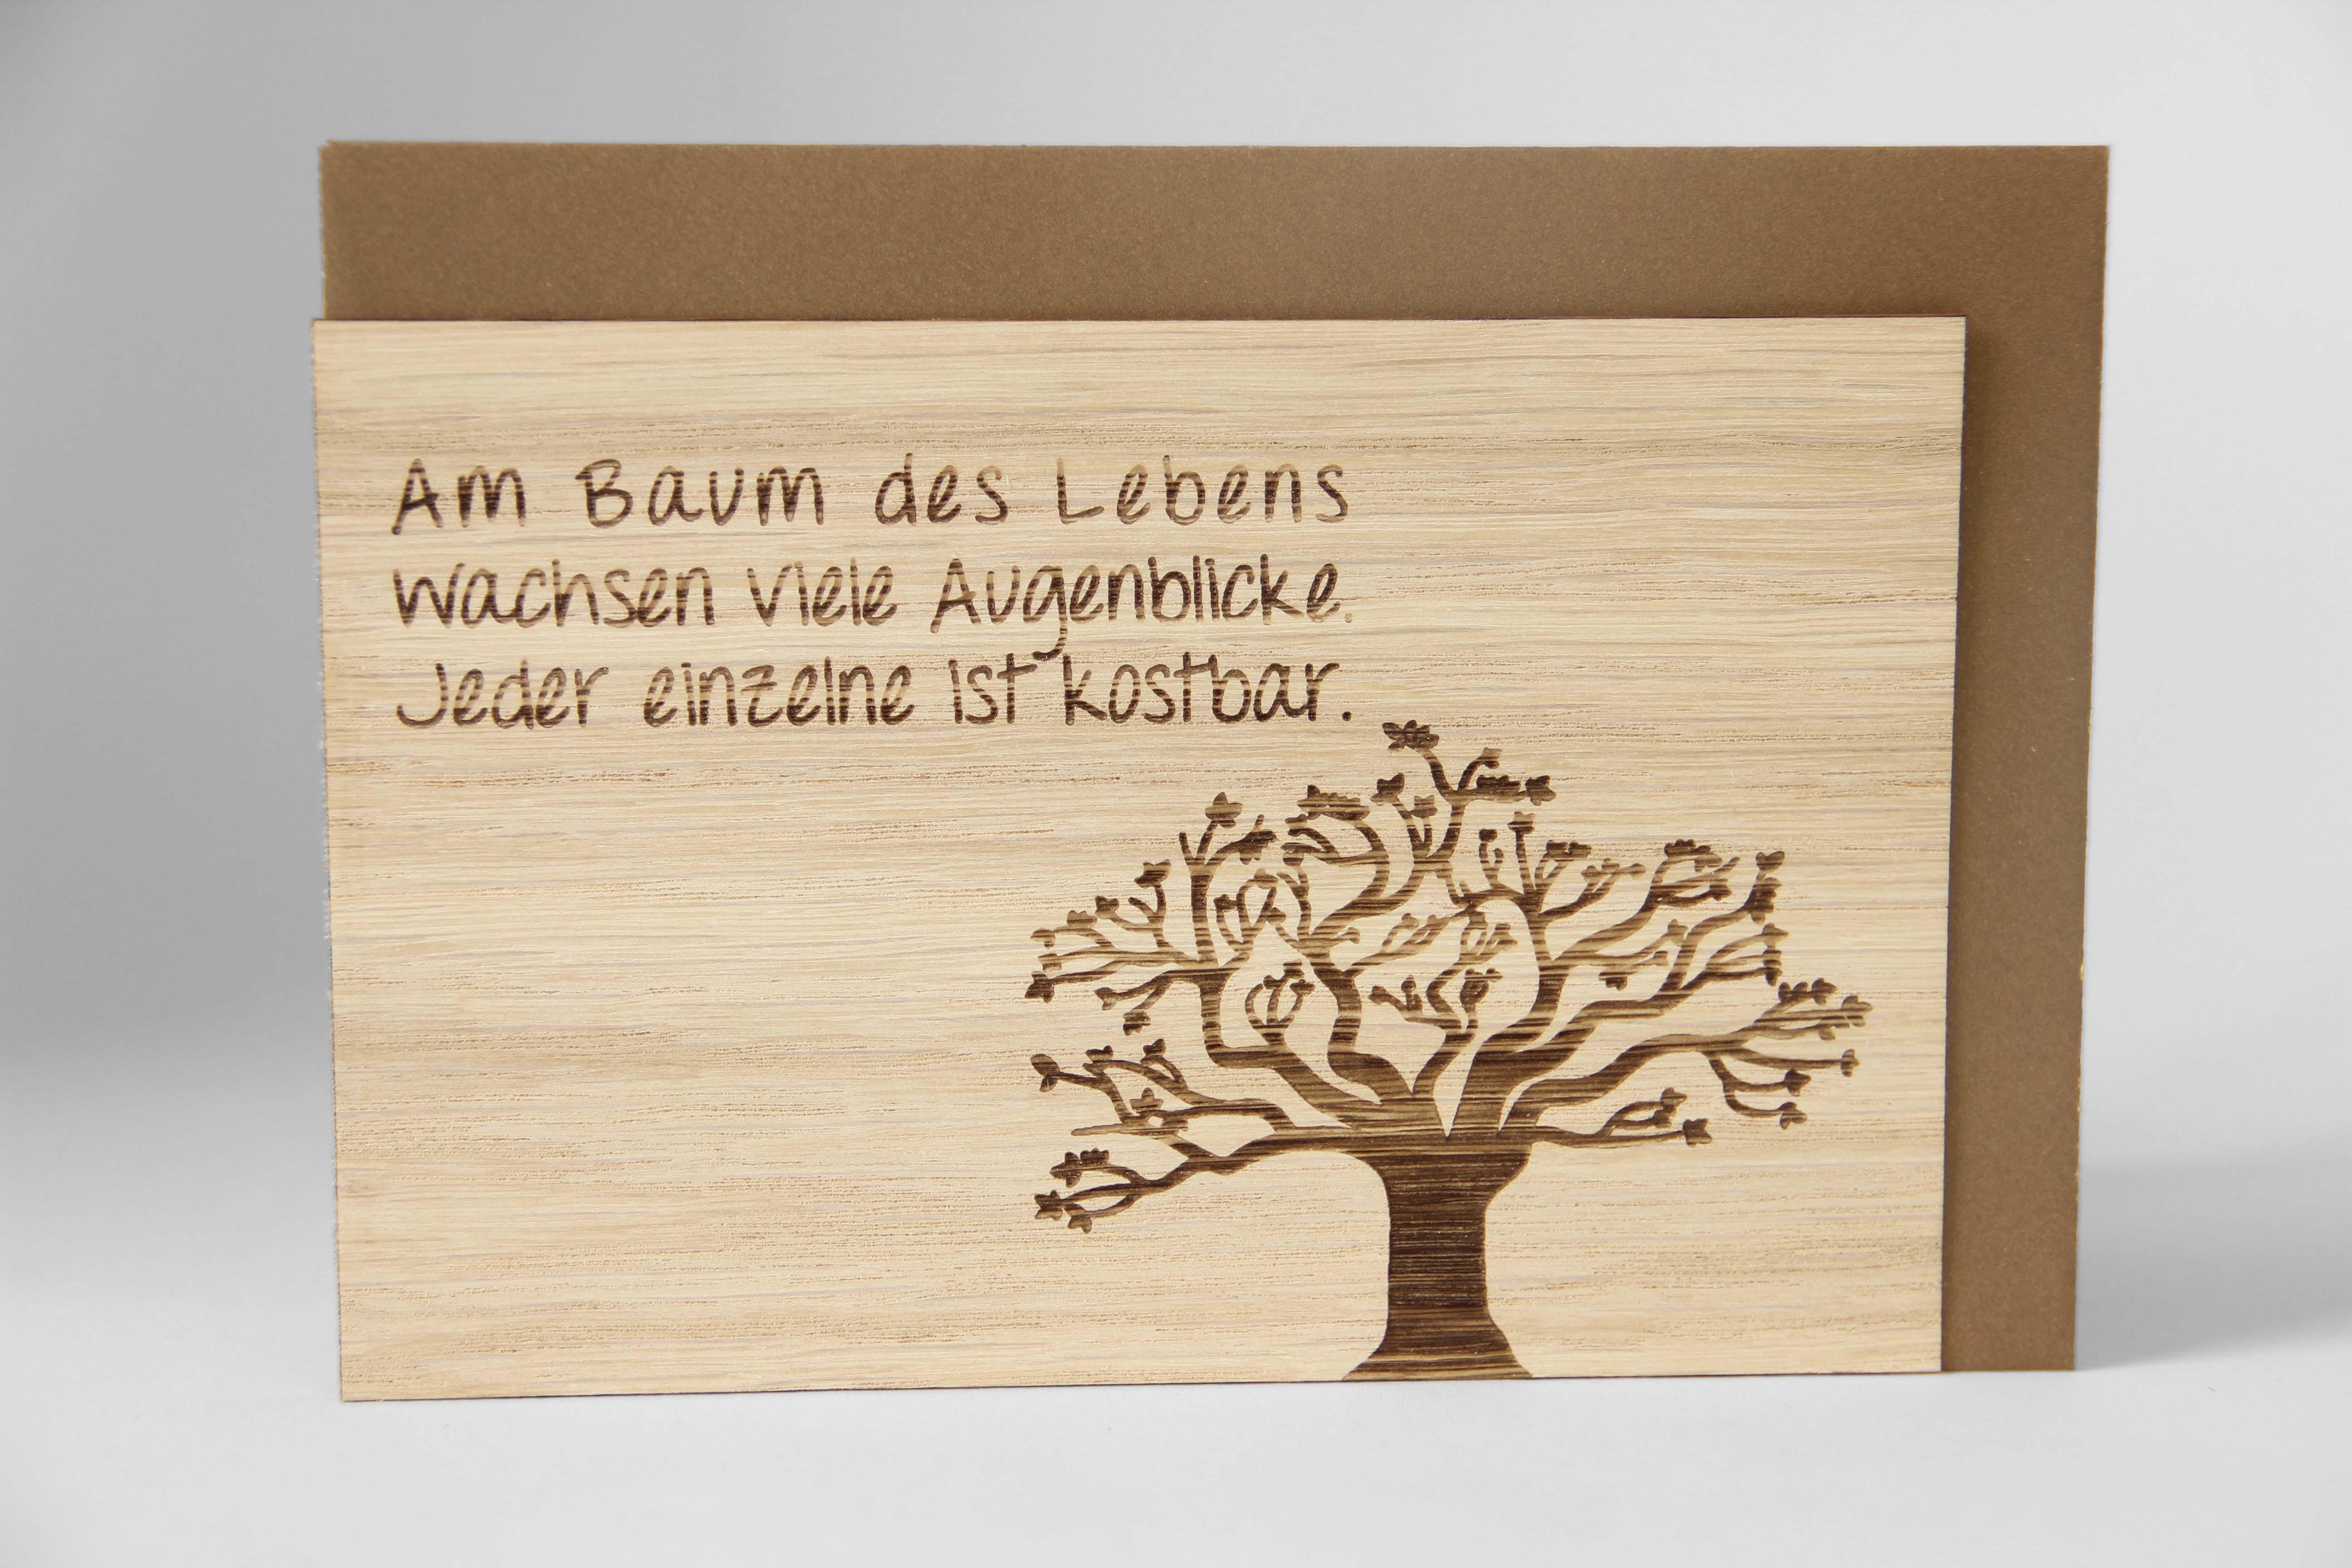 Original Holzgrußkarte - BAUM DES LEBENS - 100% handmade in Österreich, aus Eichenholz gefertigte Grußkarte, Geschenkkarte, Klappkarte, Postkarte